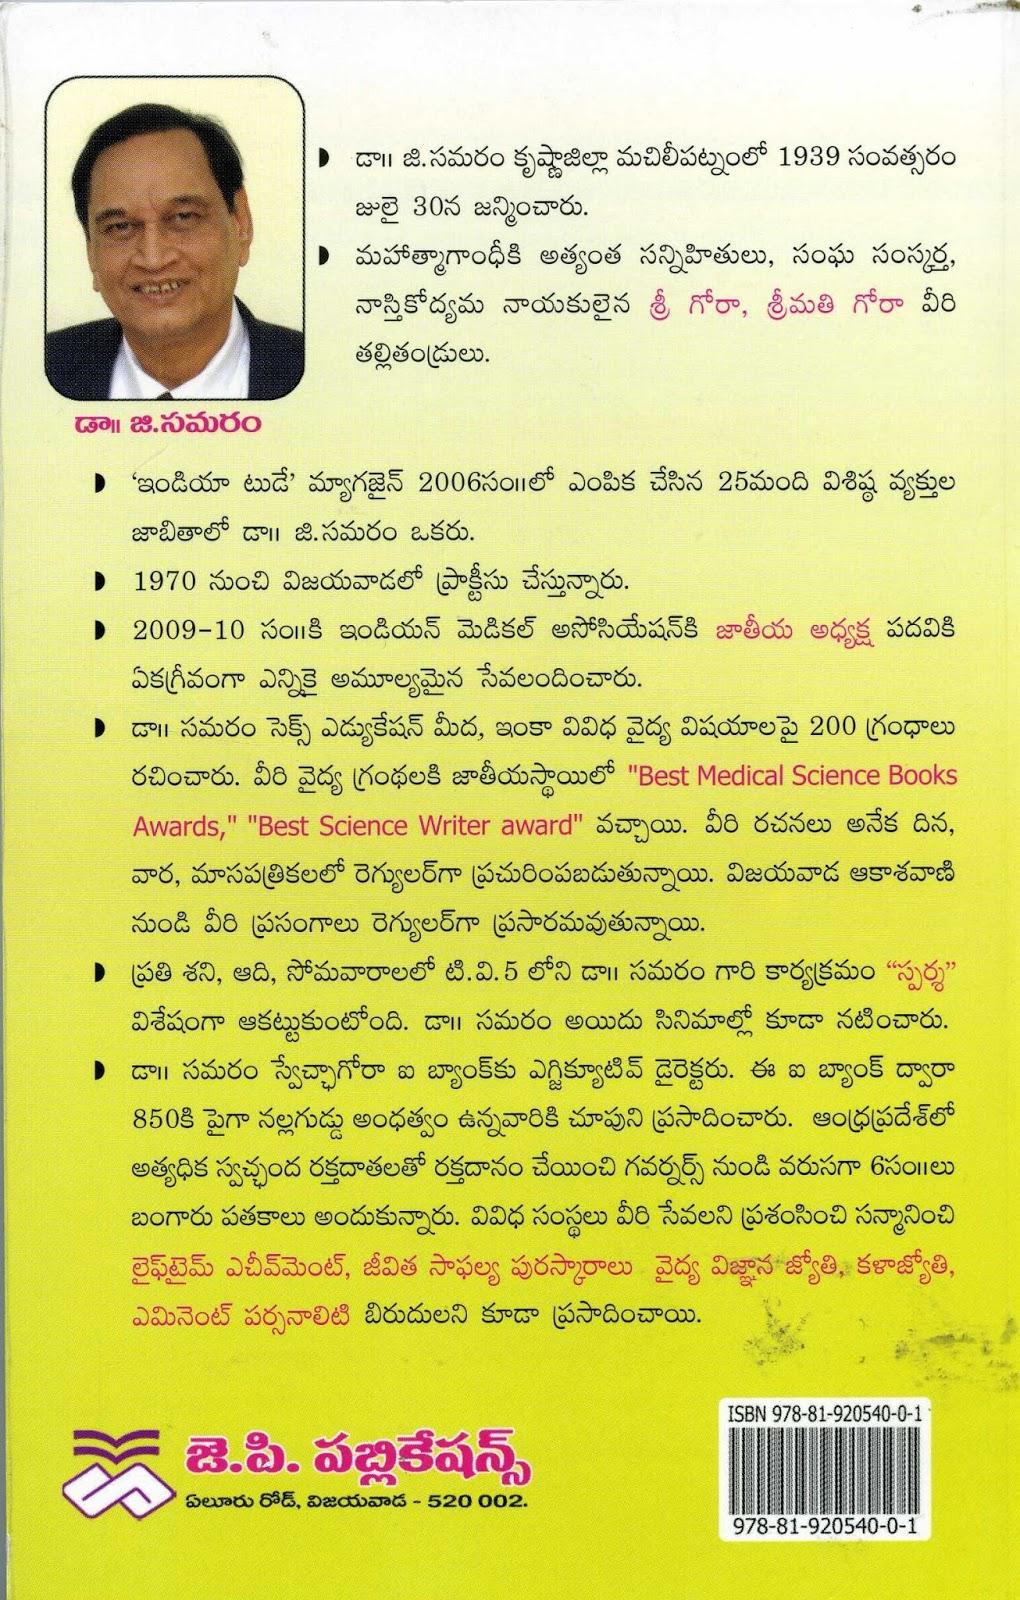 Telugu Sexundervisningsbøger Pdf - Scribd India-7692